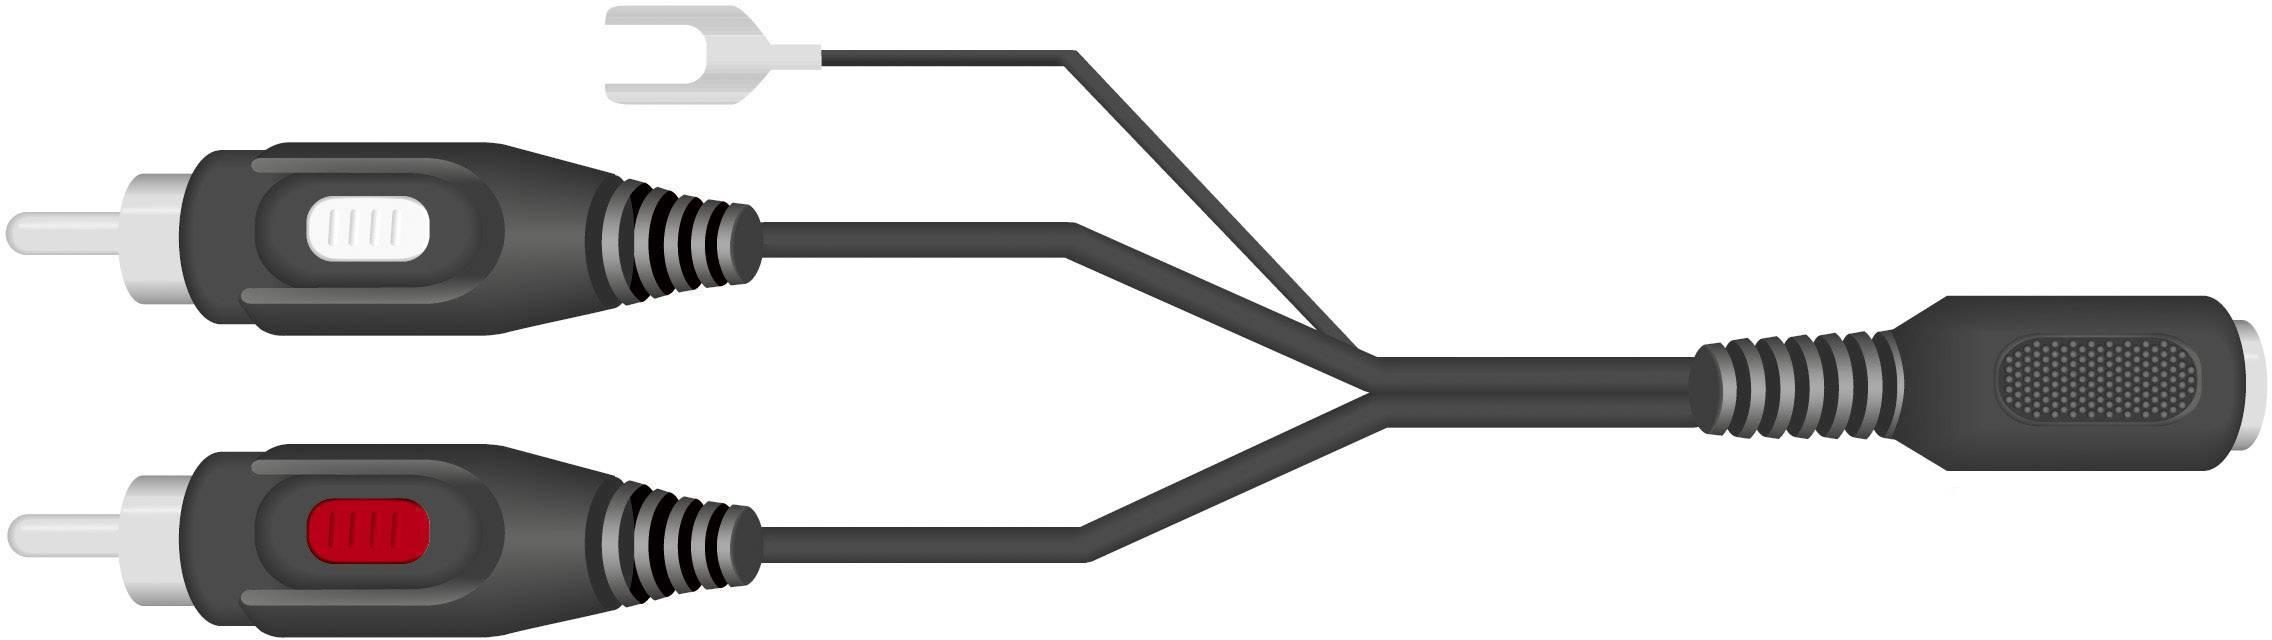 Cinch/DIN adaptér SpeaKa Professional, diodová zásuvka 5pól. (DIN) / 2x cinch zástrčka